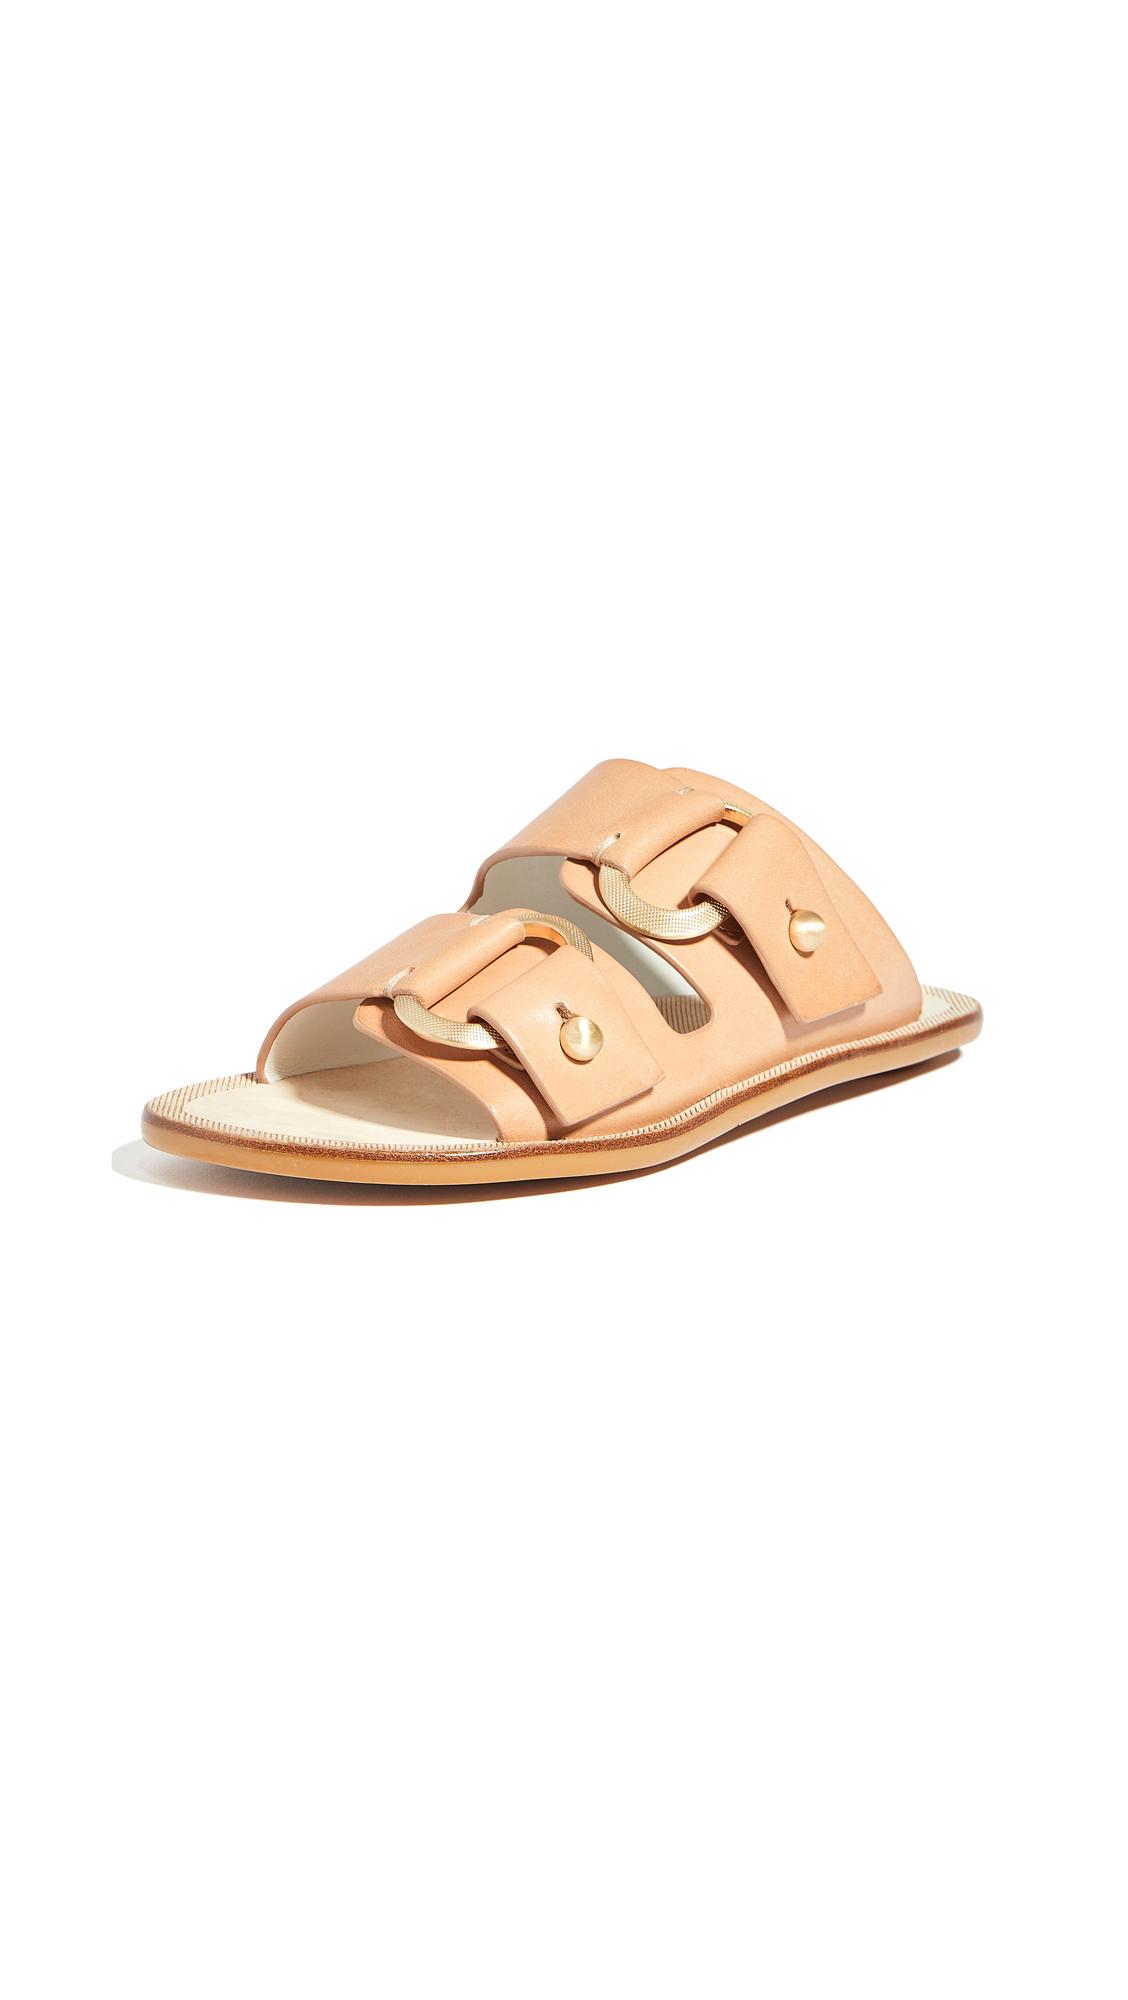 Rag & Bone Avost Sandals